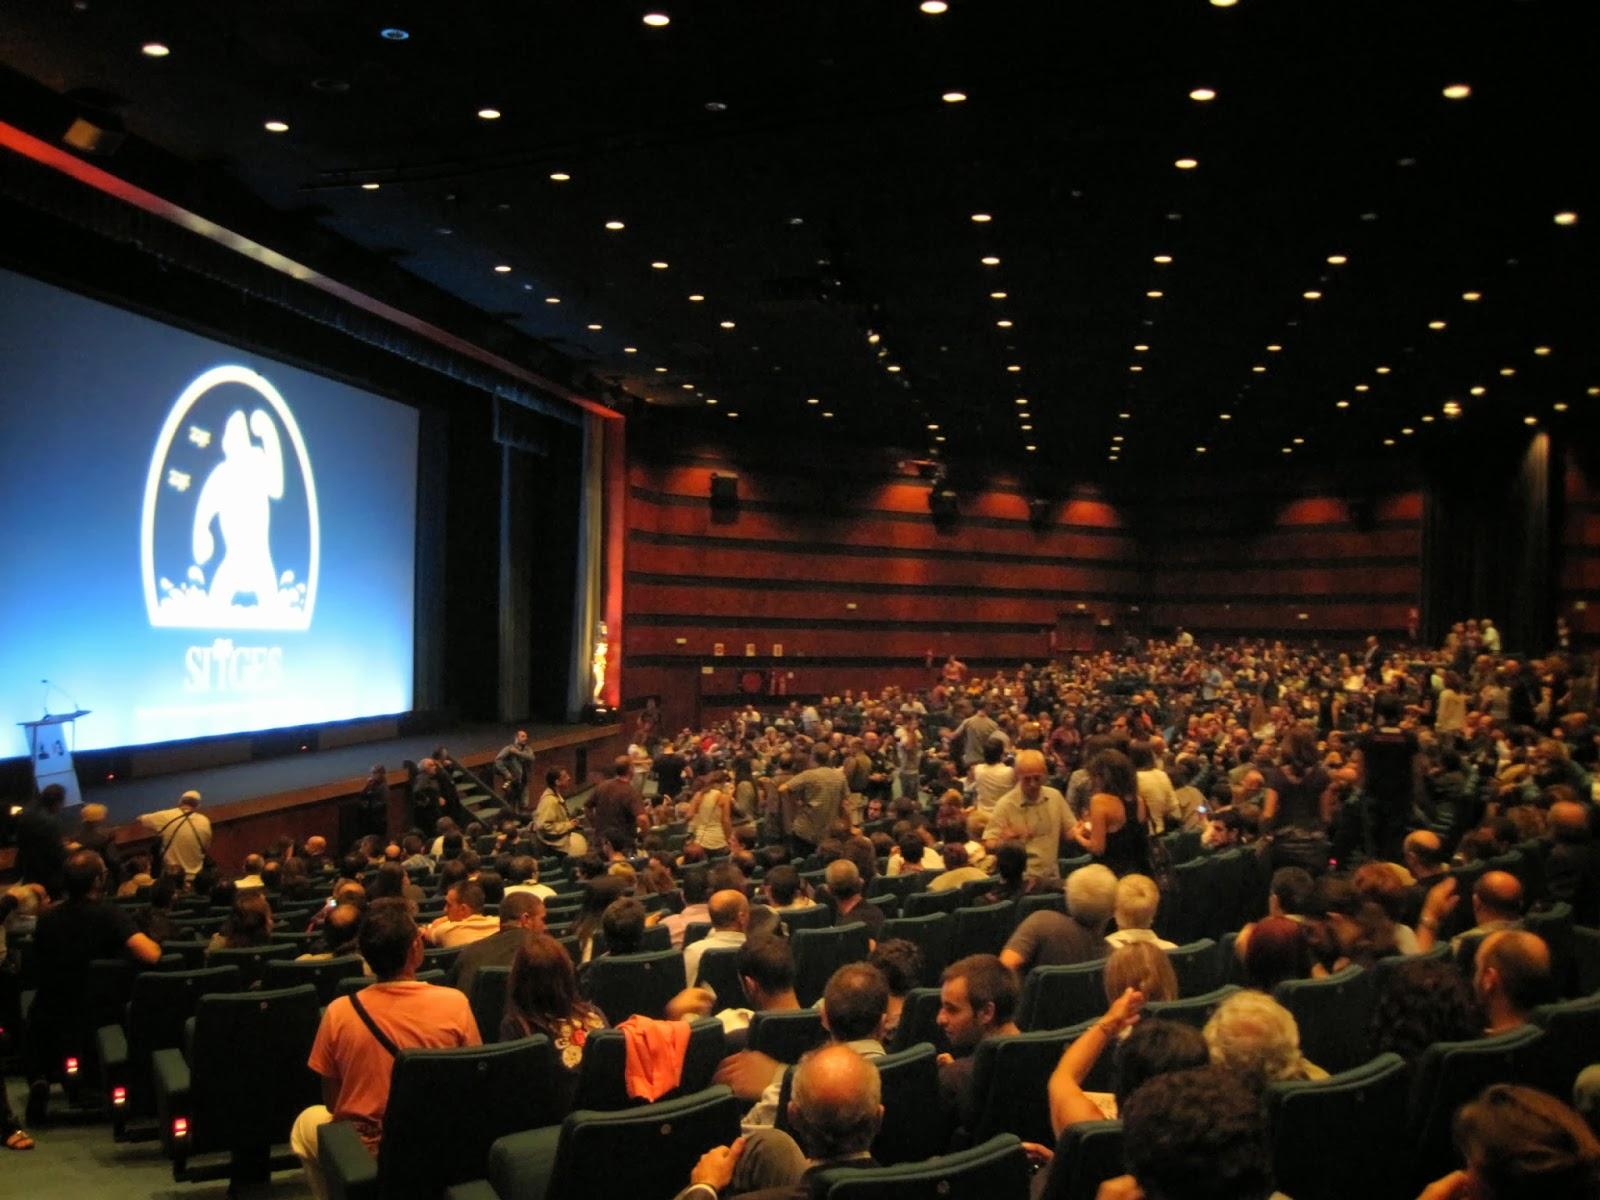 Entradas más baratas en las salas de cine para los miércoles